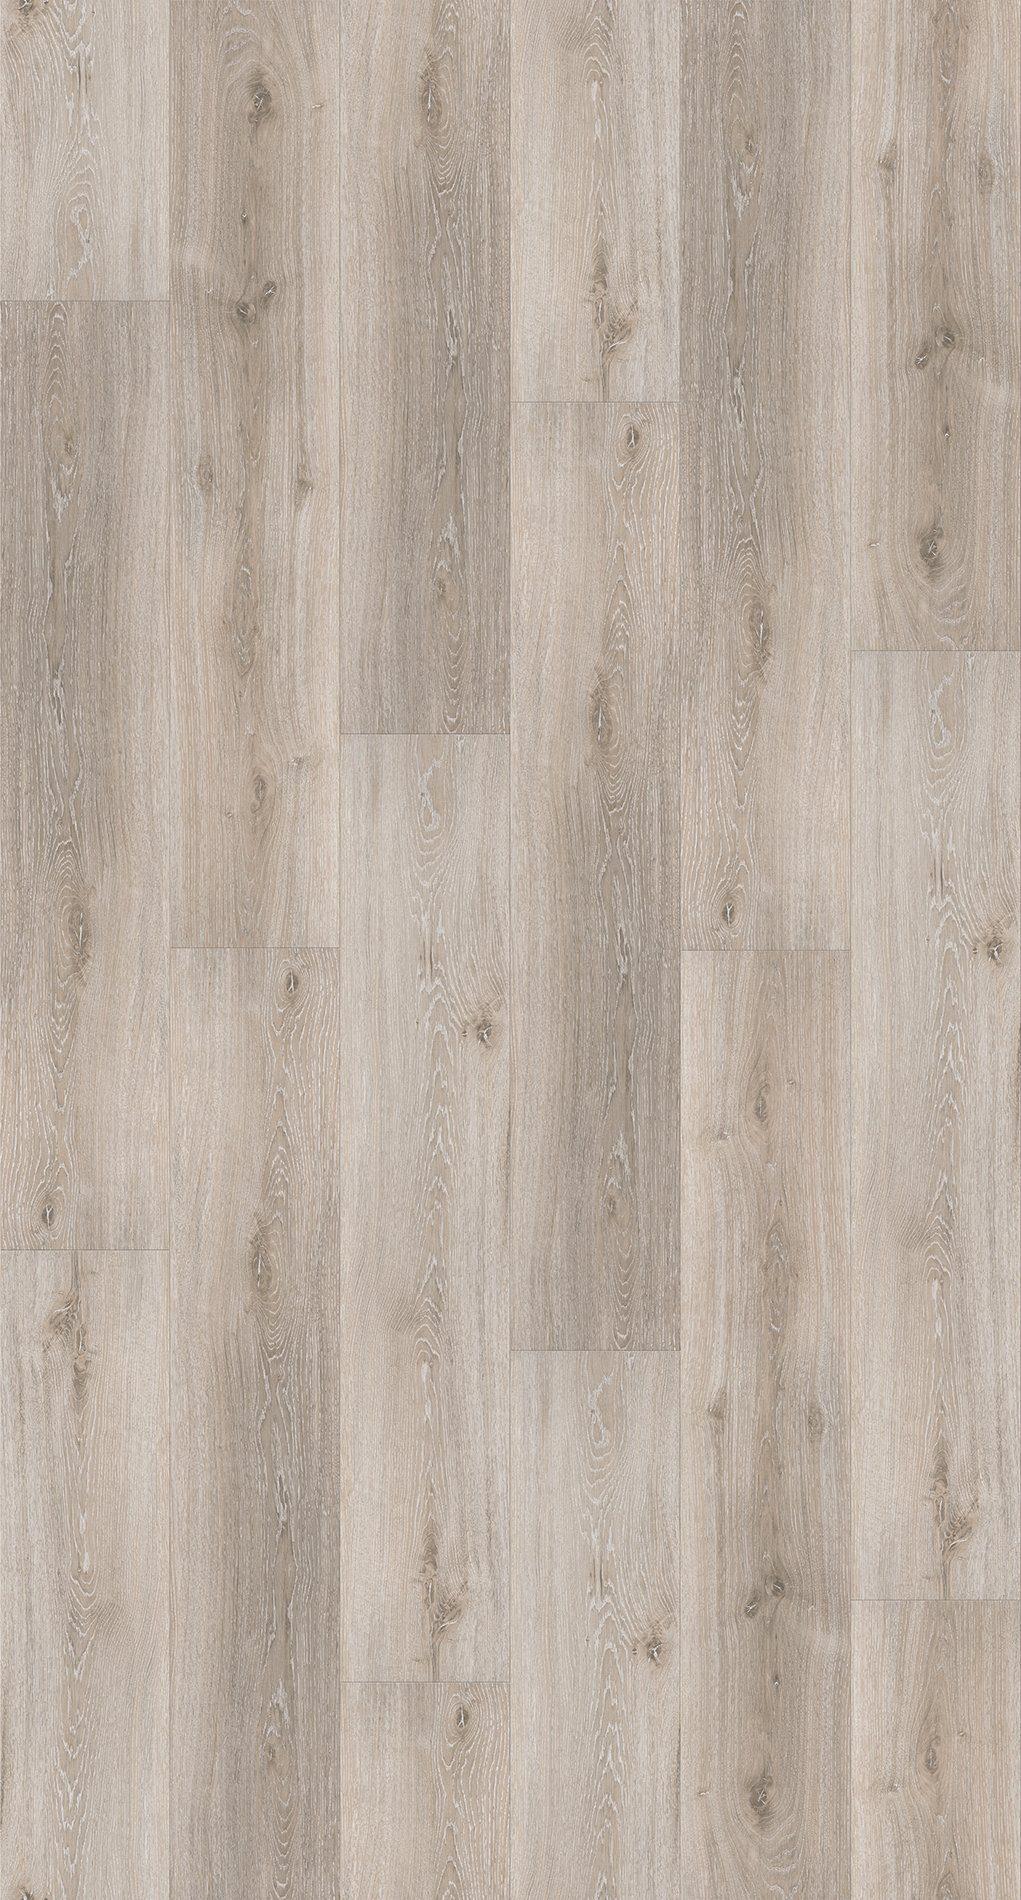 PARADOR Packung: Vinylboden »Basic 2.0 - Eiche grau geweißt«, 1219 x 229 x 2 mm, 4,5 m²